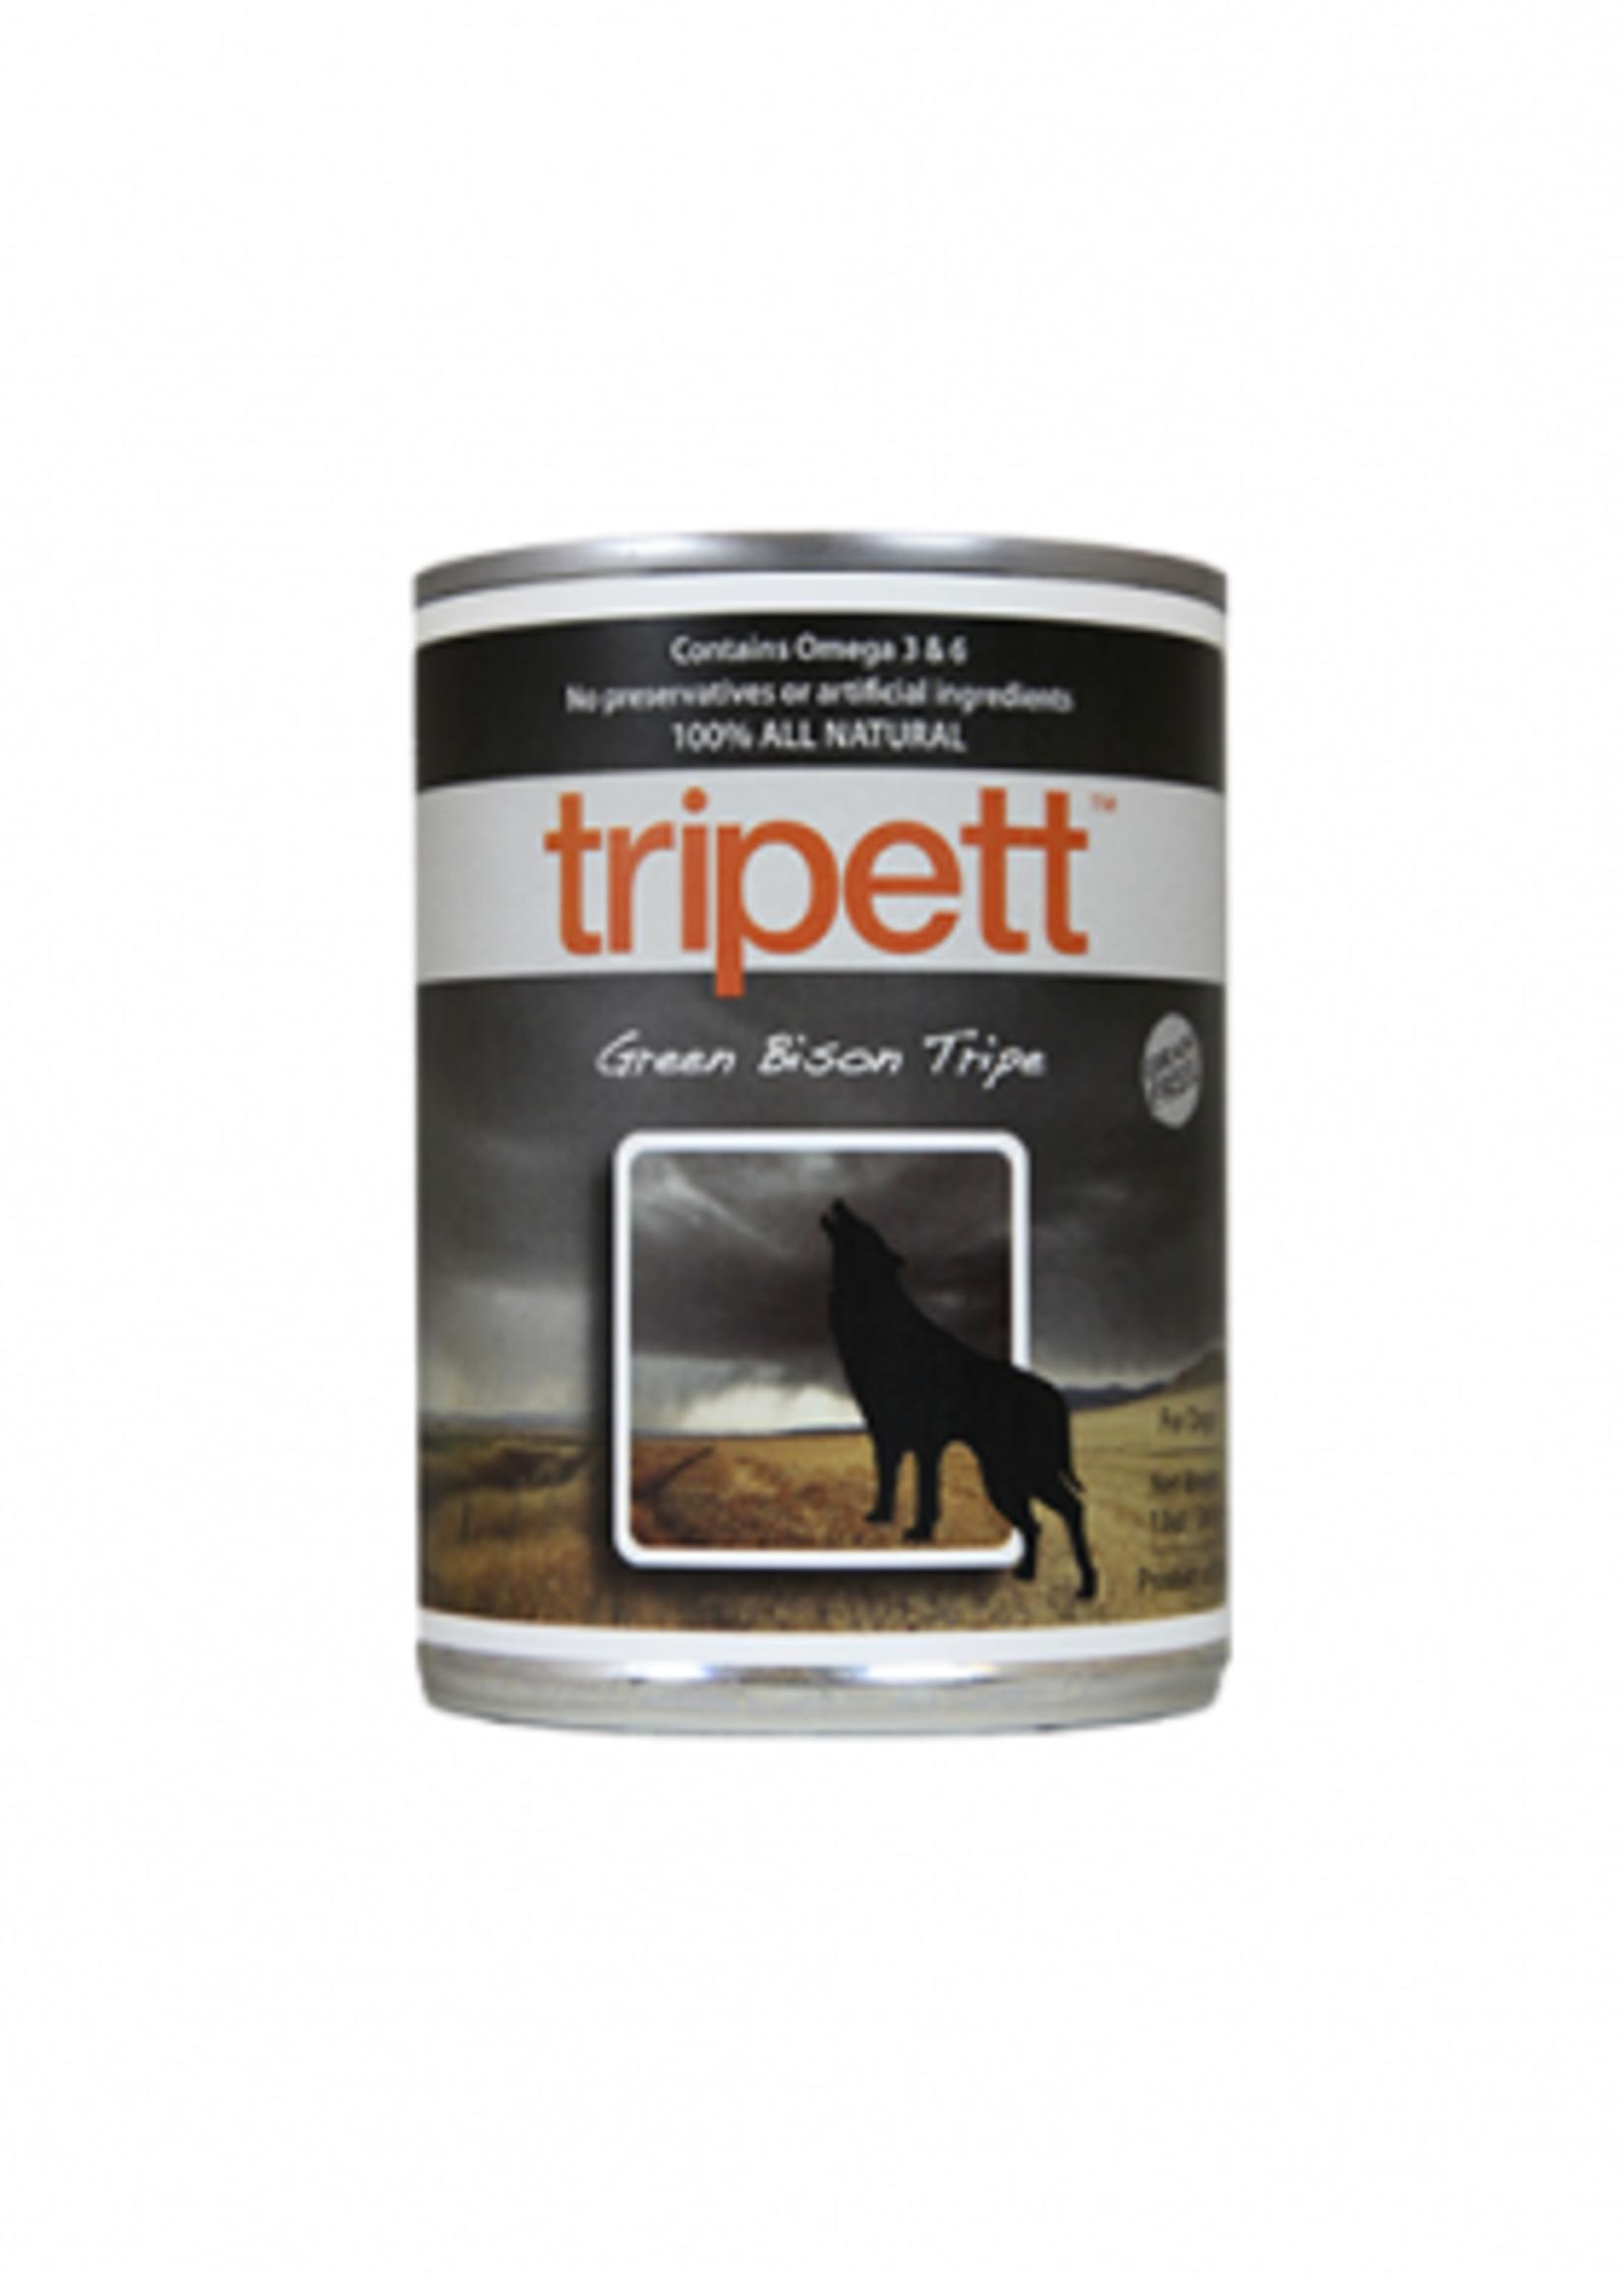 Tripett™ PETKIND GREEN BISON TRIPE 13oz